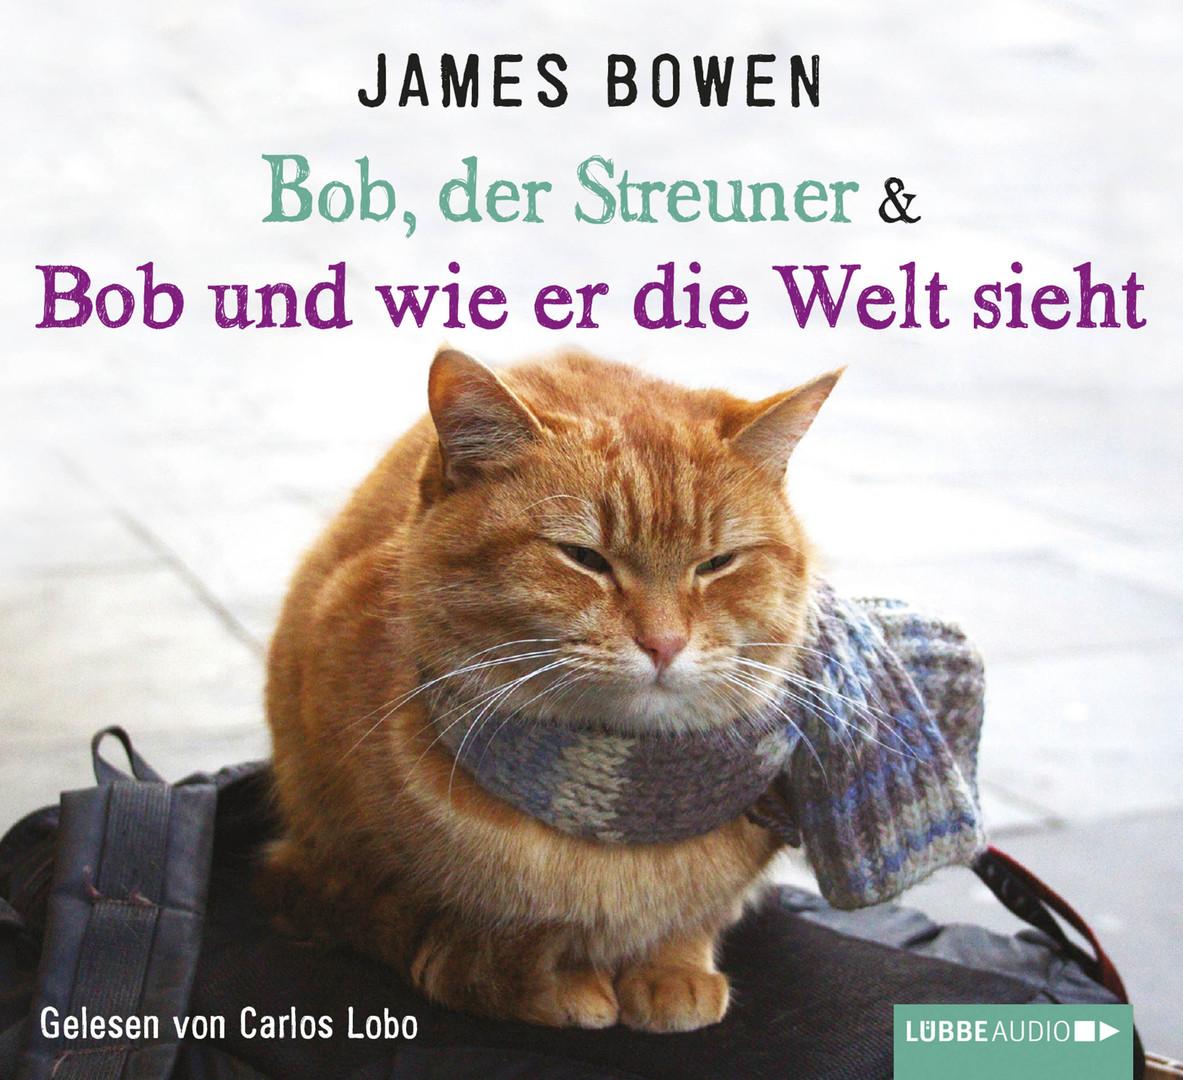 James Bowen - Bob, der Streuner & Bob und wie er die Welt sieht